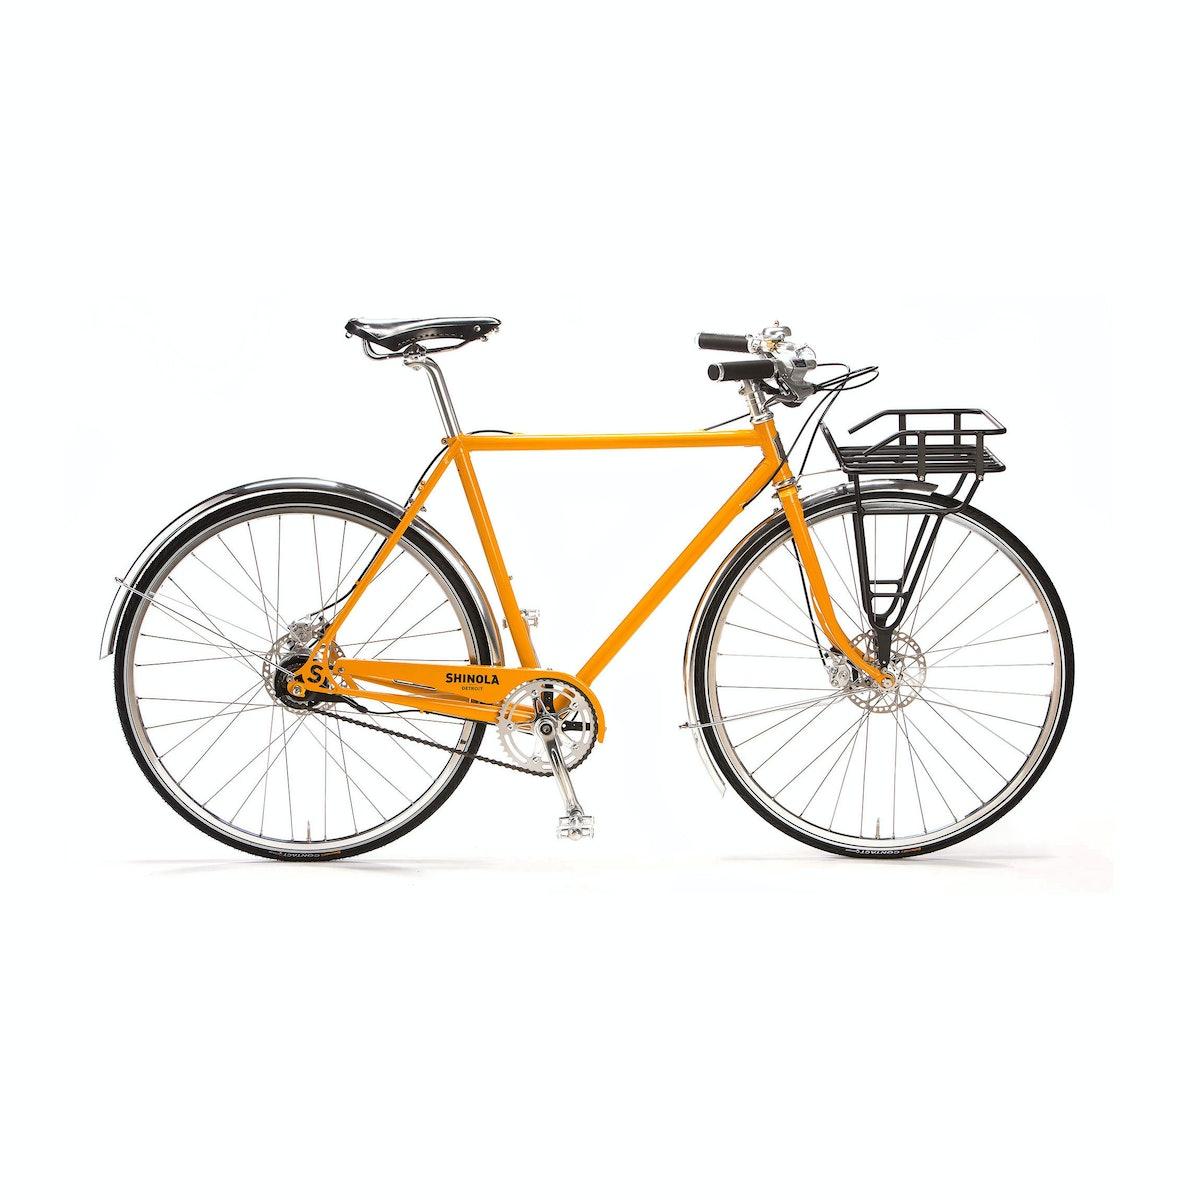 Shinola bike